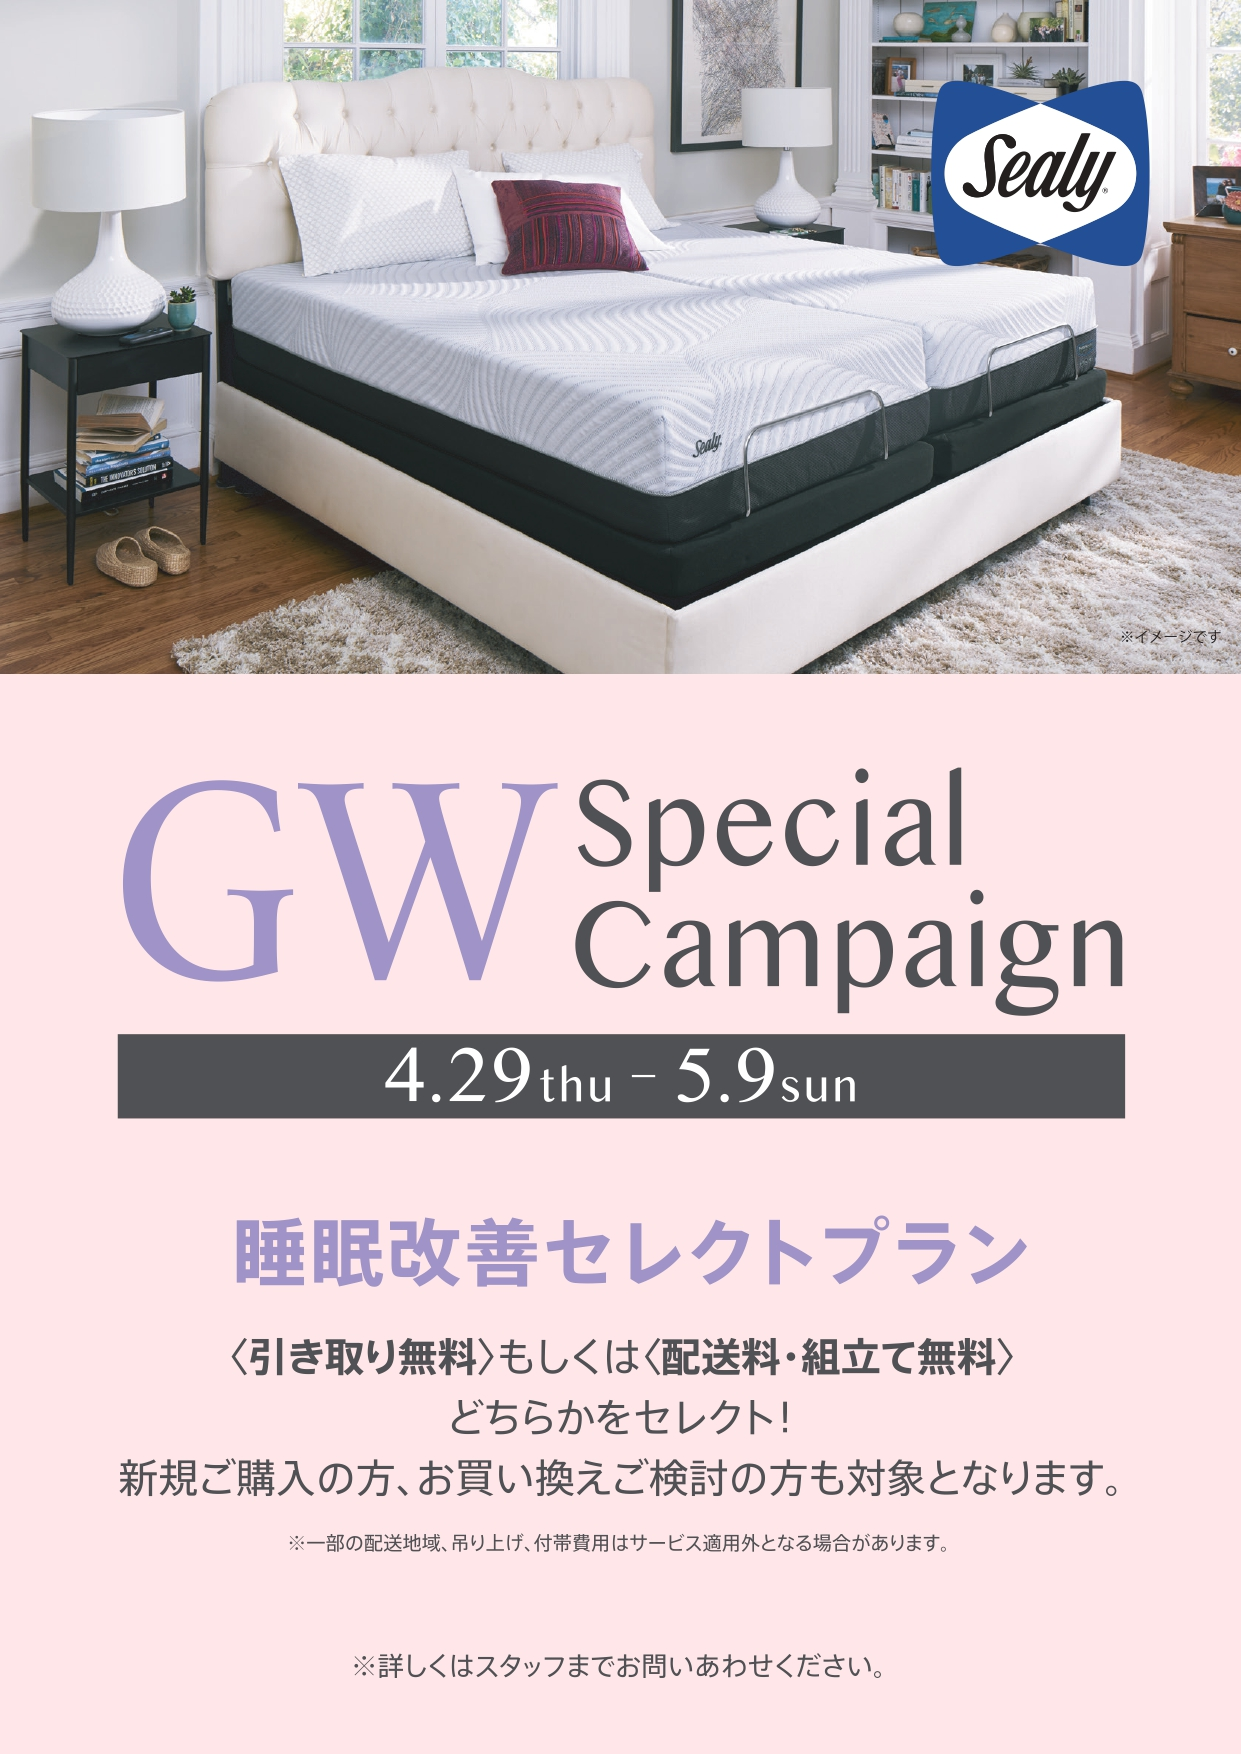 GW Special Campaign